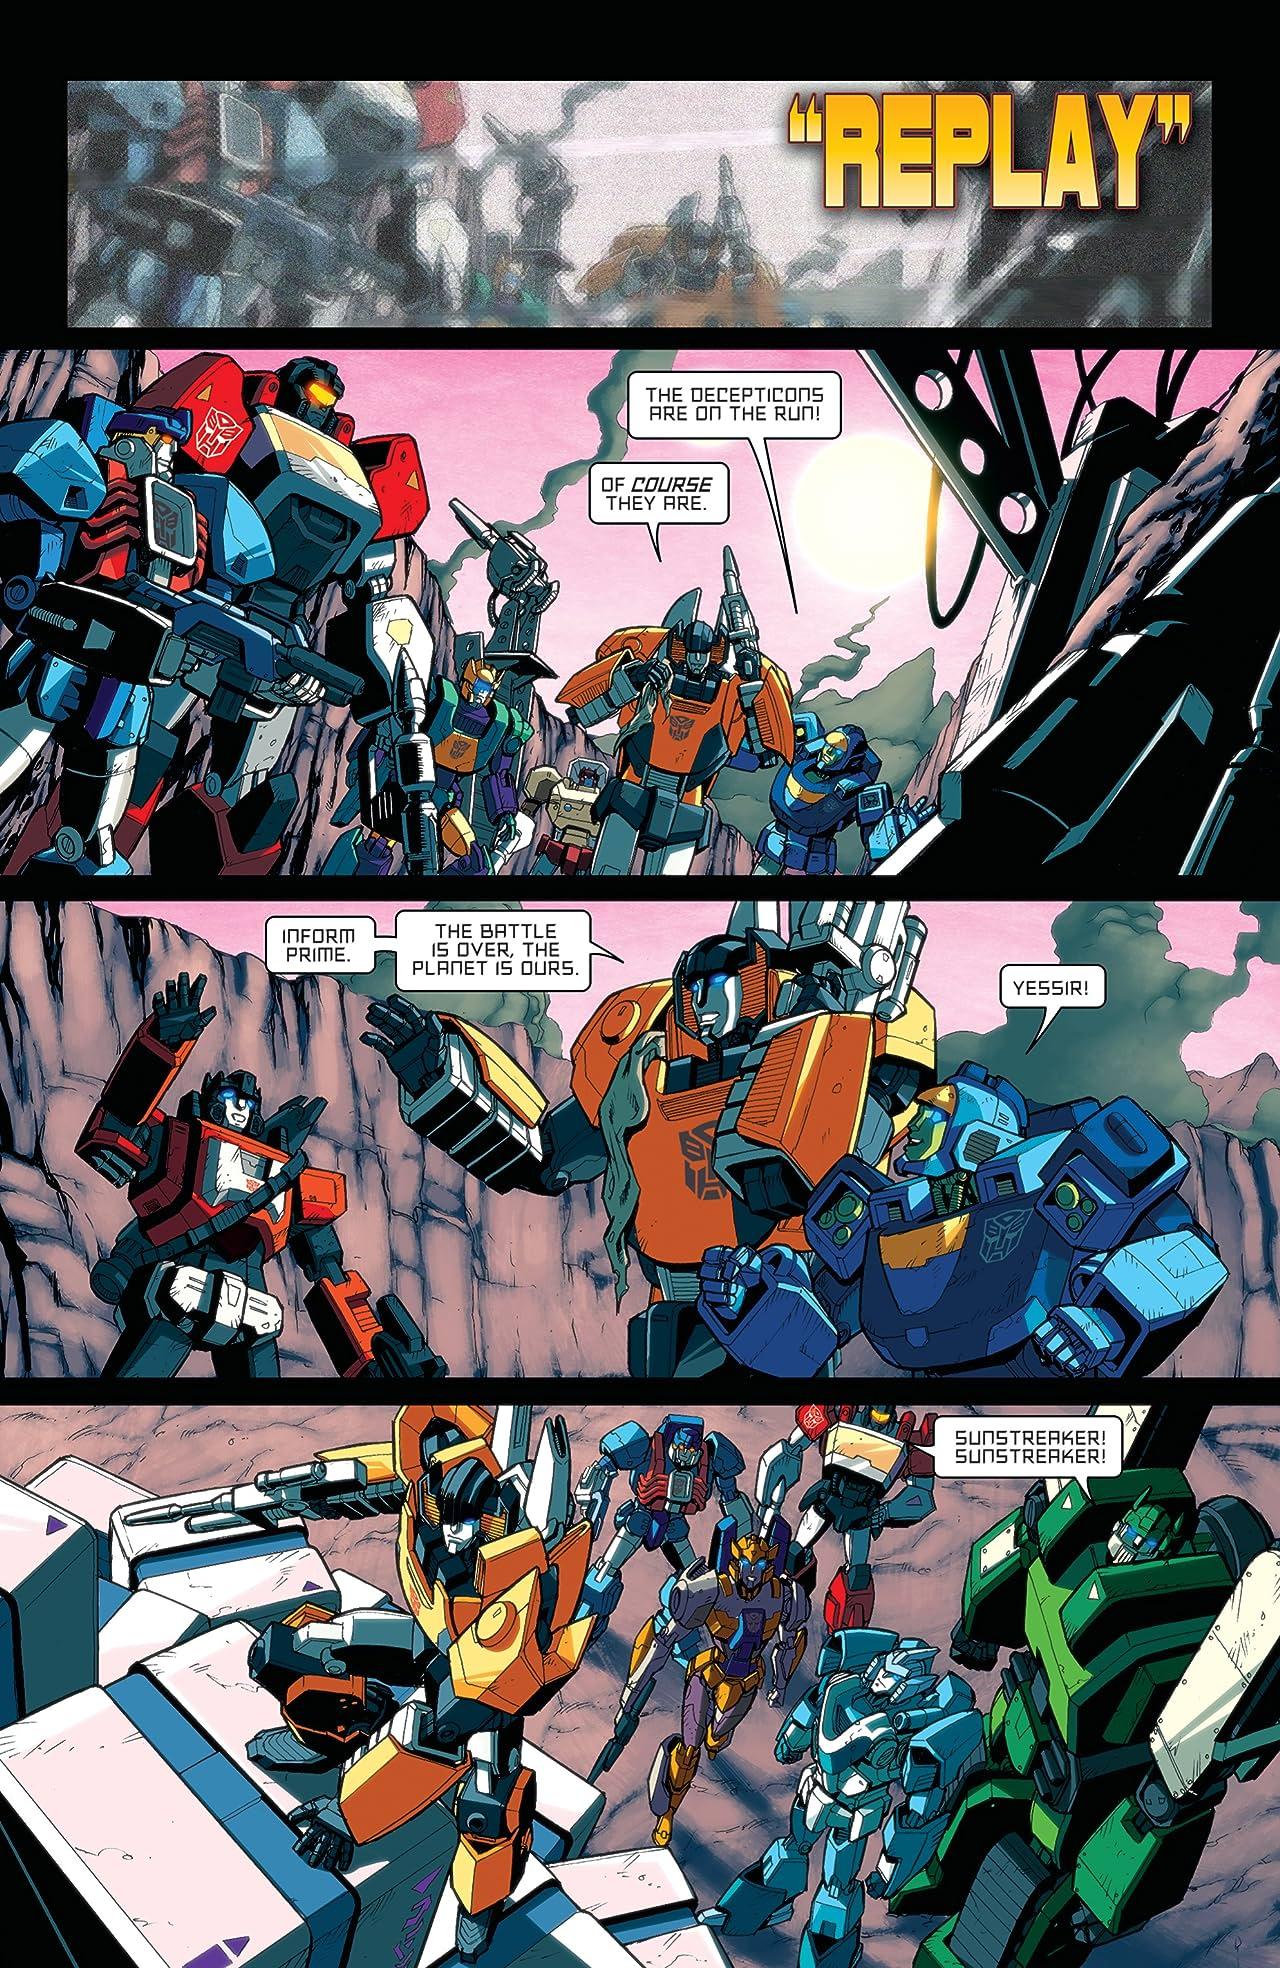 Transformers: All Hail Megatron #14